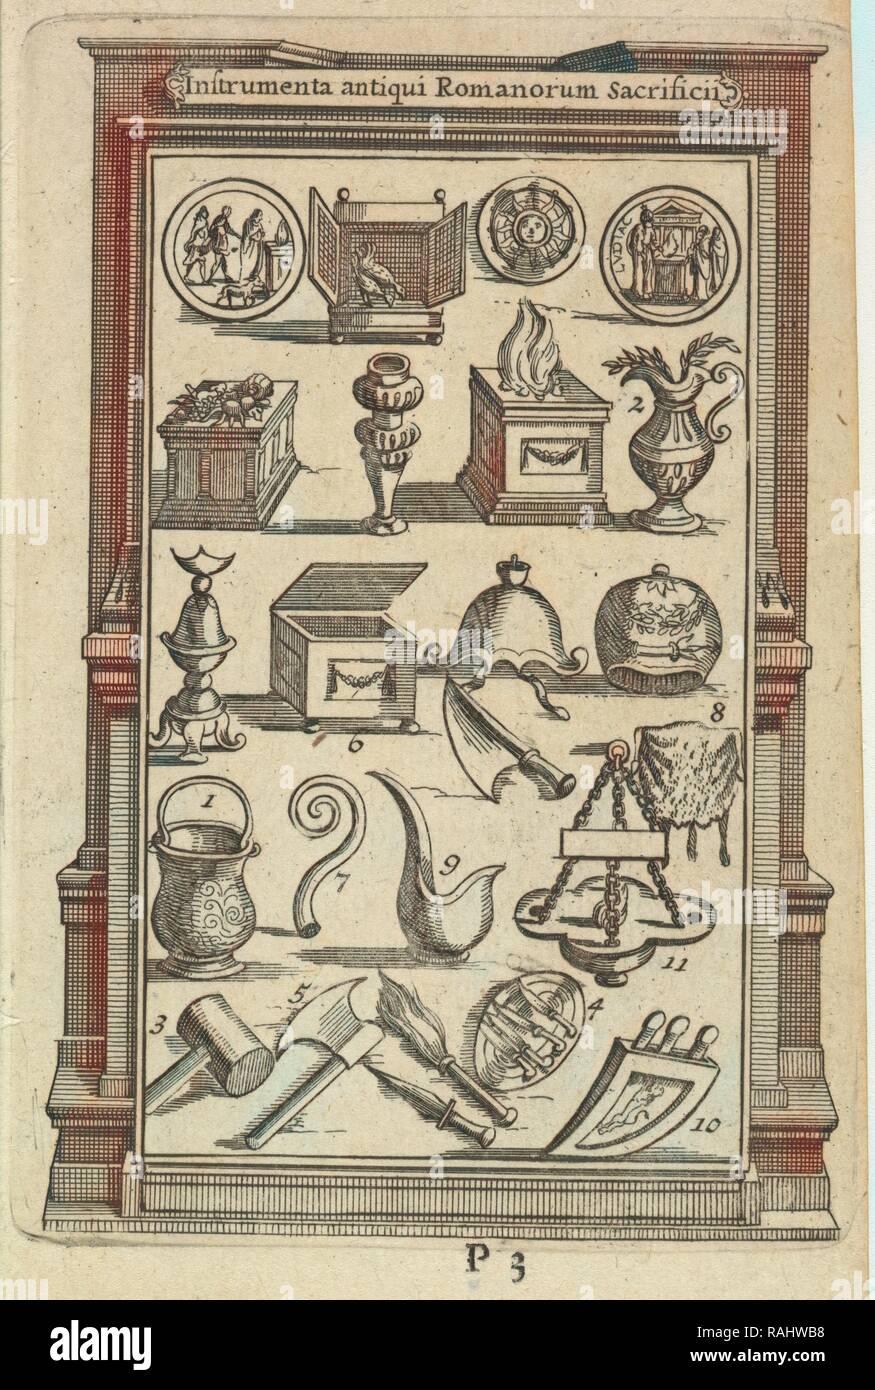 Instrumenta antiqui Romanorum Sacrificii, L'ancienne Rome: la principale des villes de l'Europe, avec toutes ses reimagined - Stock Image